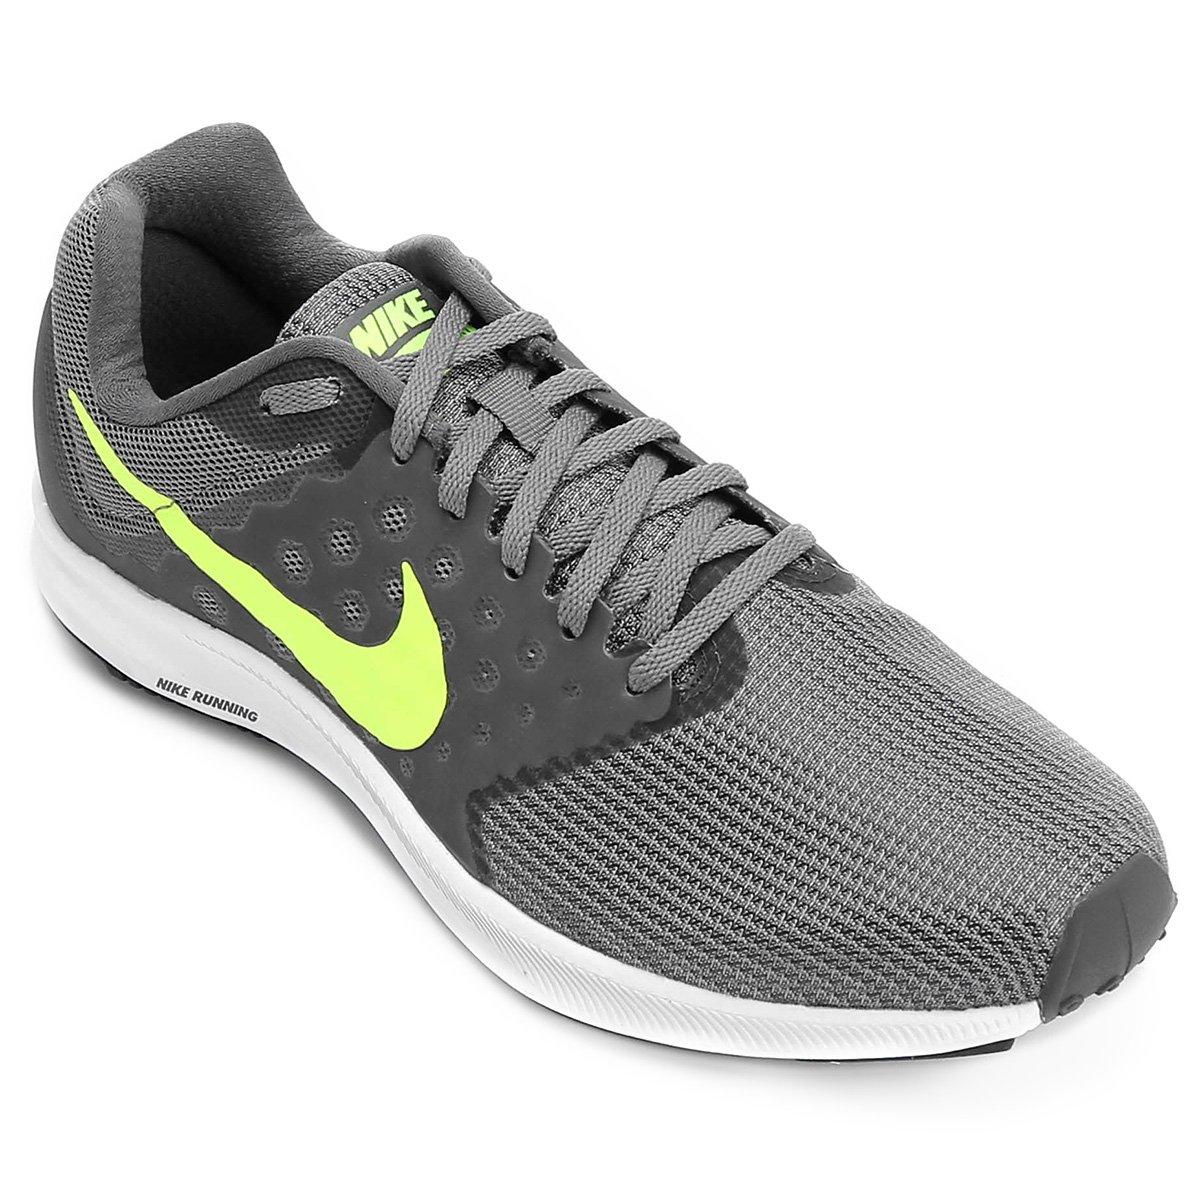 813cbd4b2fb Tênis Nike Downshifter 7 Masculino - Compre Agora